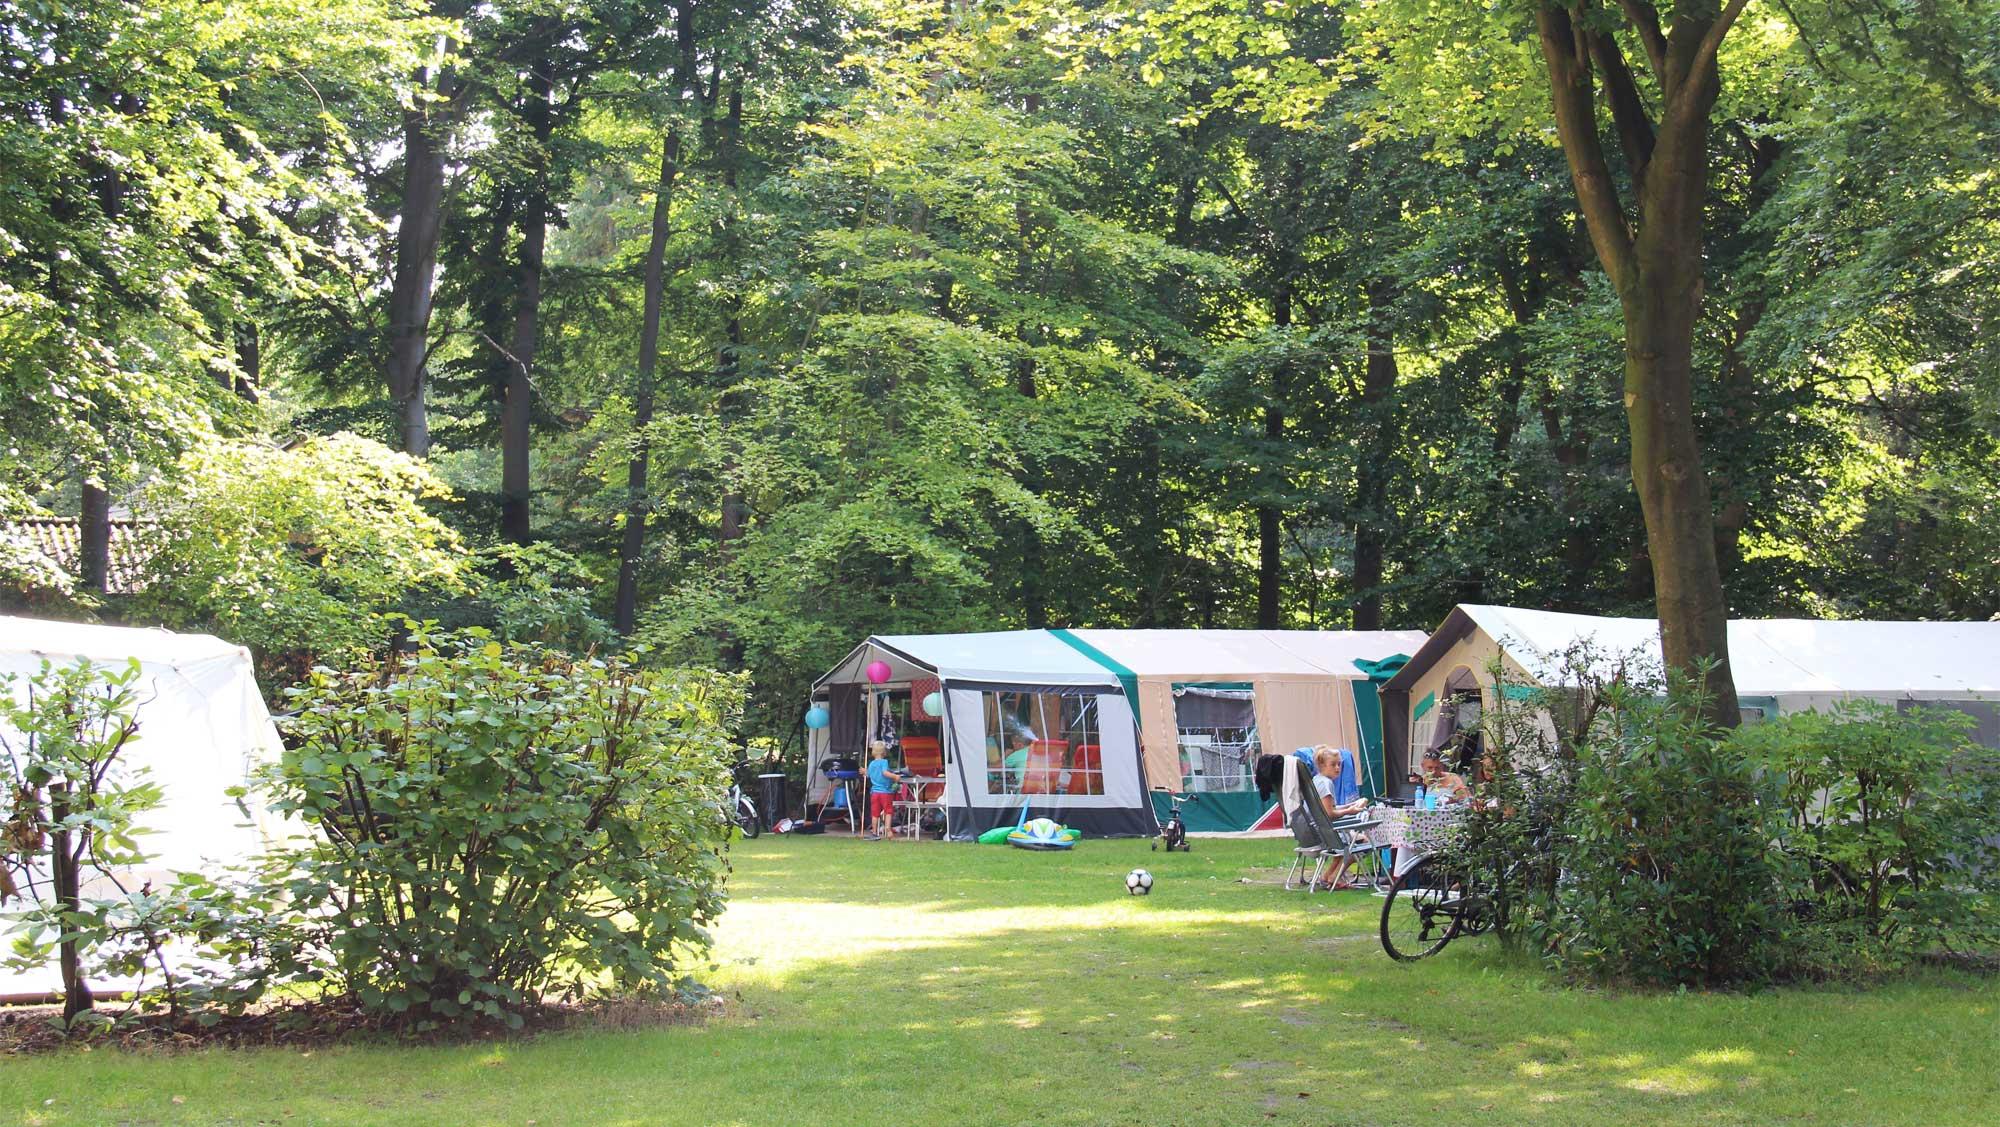 Seizoenplaats kamperen Molecaten Park Bosbad Hoeven 02